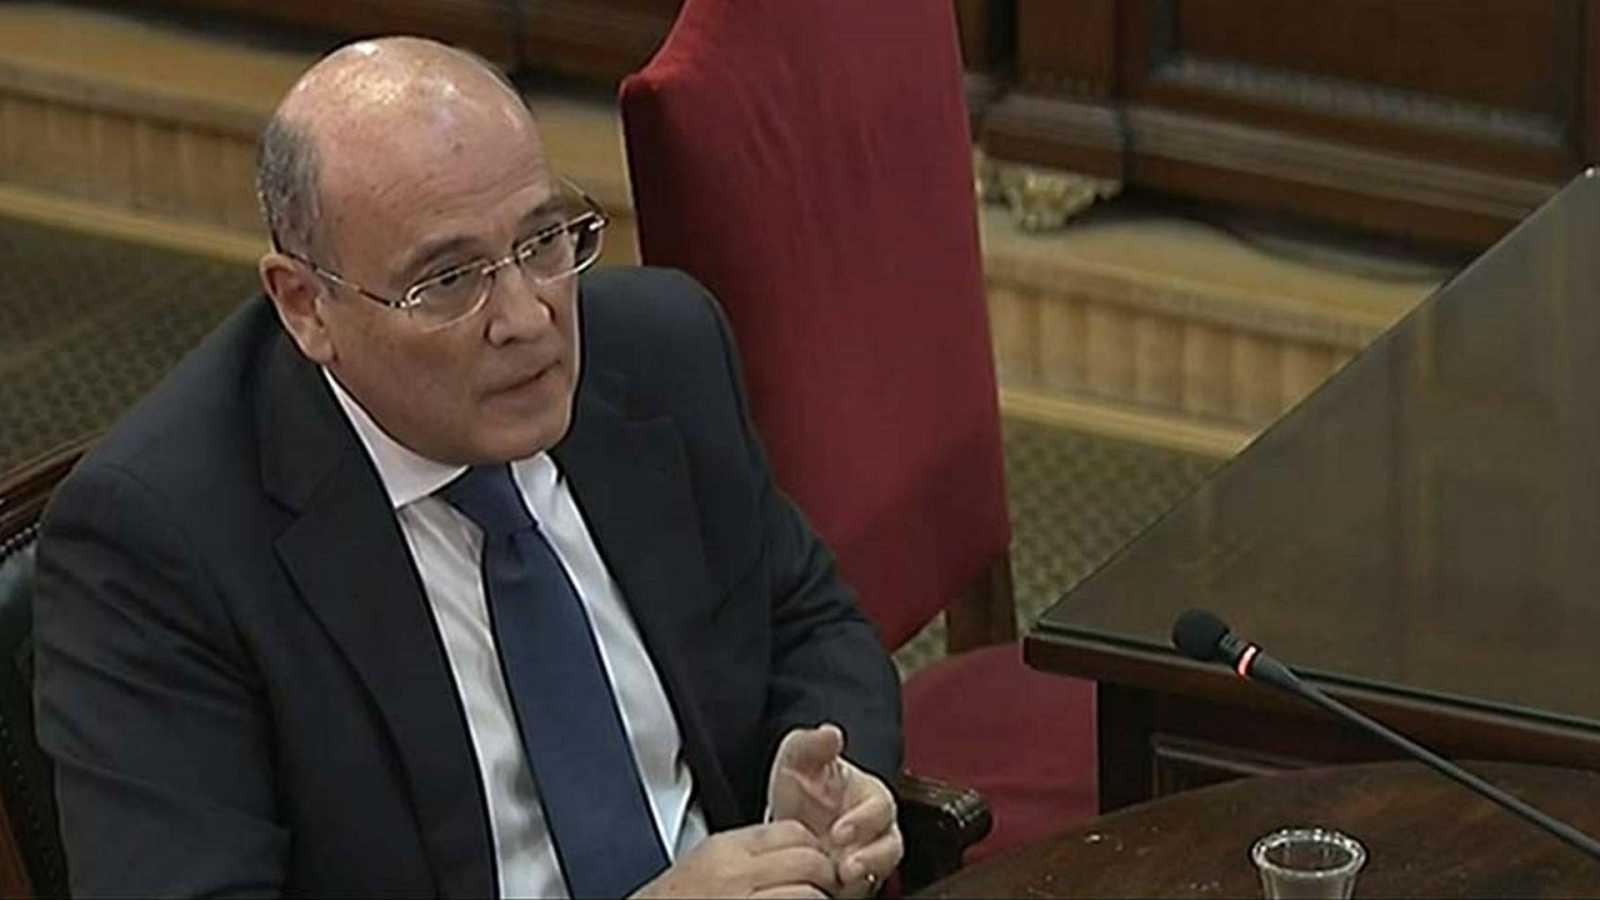 14 horas - Pérez de los Cobos no informó que había investigaciones sobre el 8M, según Interior - Escuchar ahora